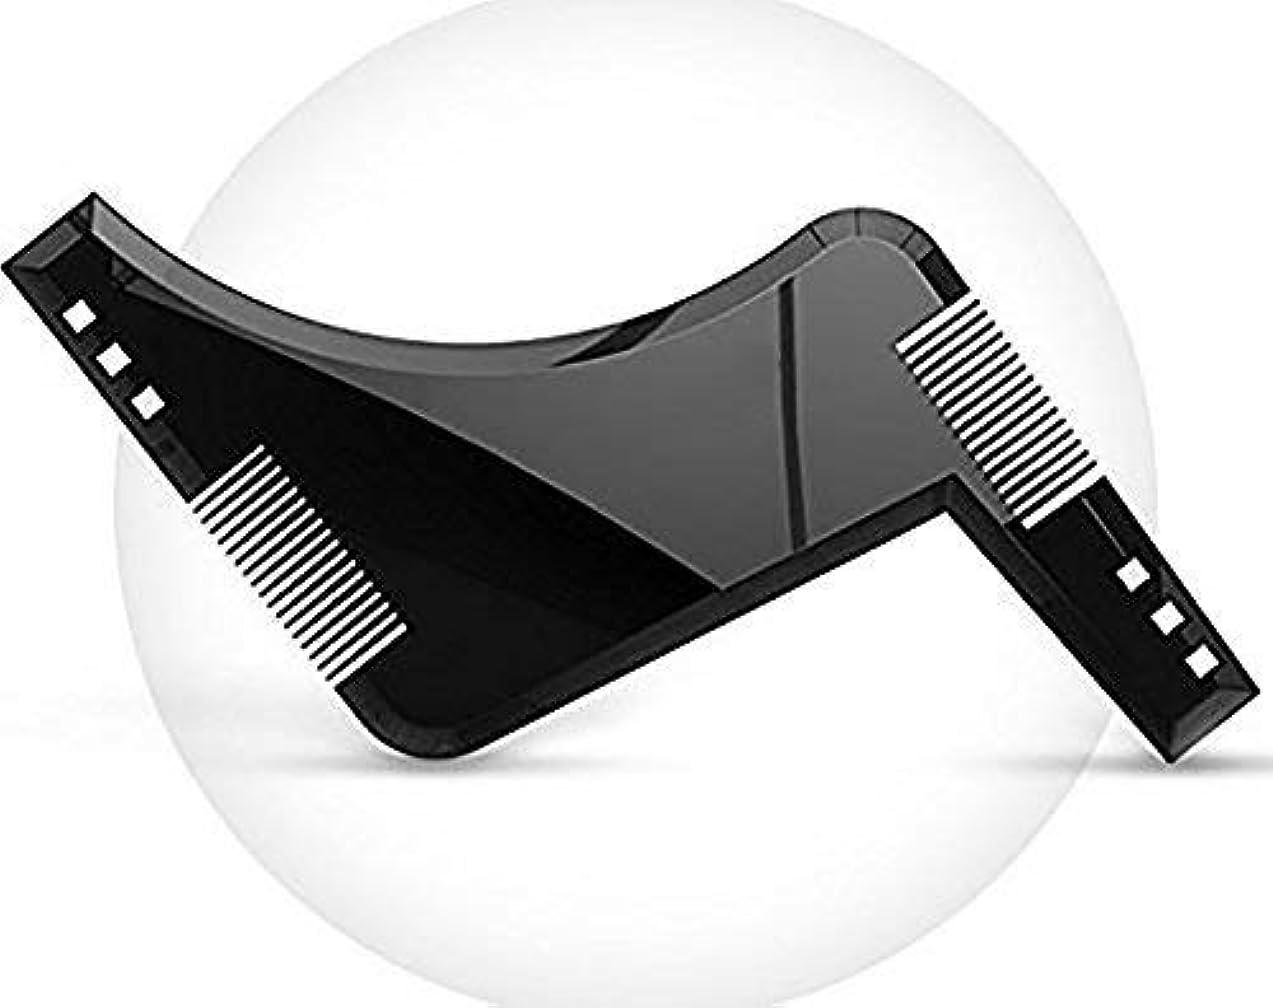 セーブ合唱団ラビリンス髭櫛 - Delaman ひげ櫛、男性用 櫛、髭 髭剃り、ひげ剃りマスク、コーム、 家庭用、美容院用